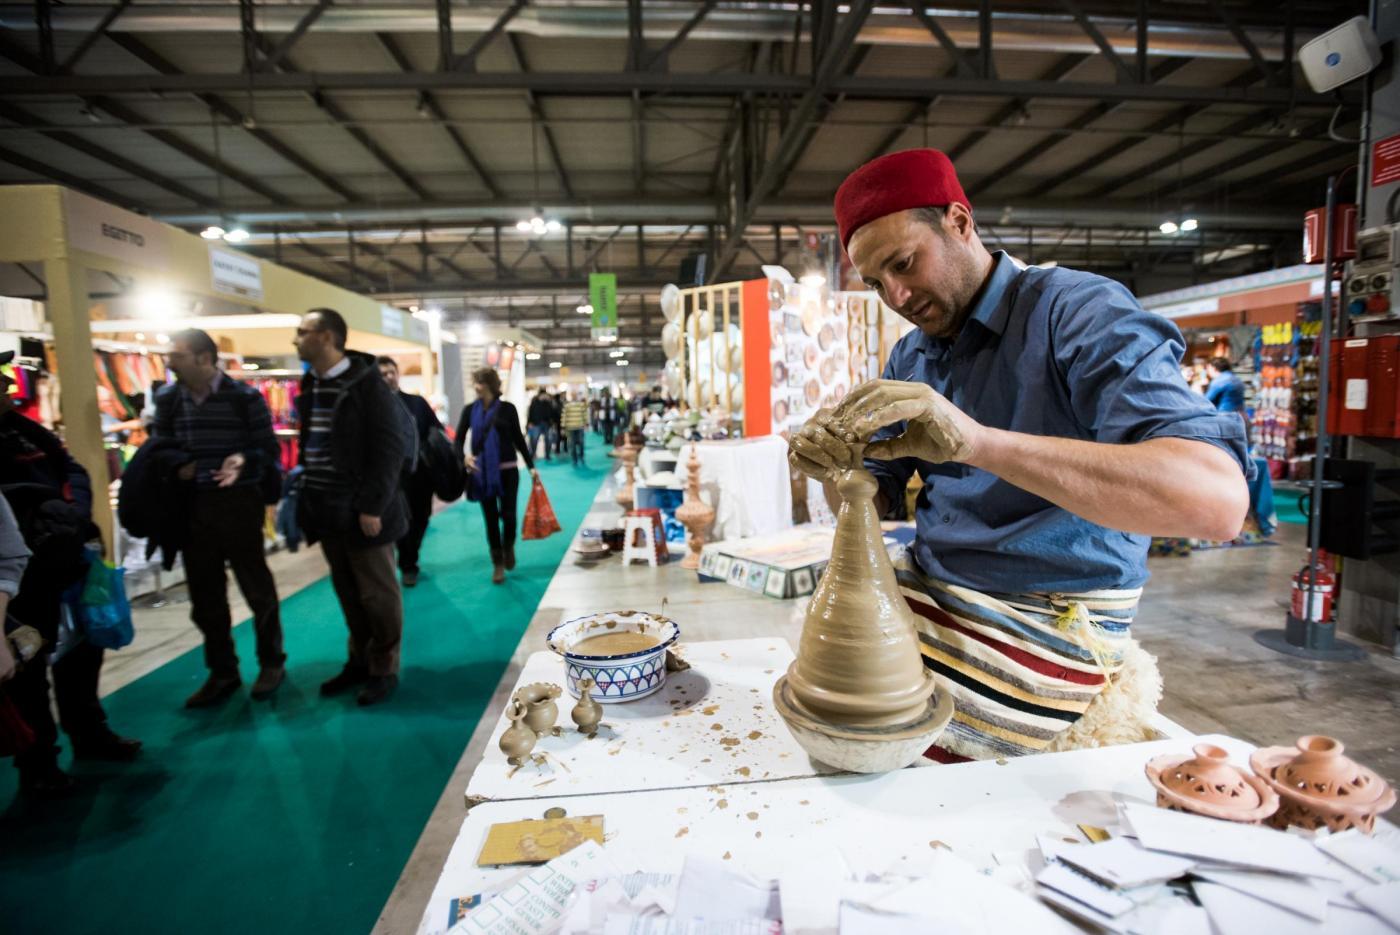 Milano l 39 artigiano in fiera testimonianza della vitalit for Fiera di bergamo 2016